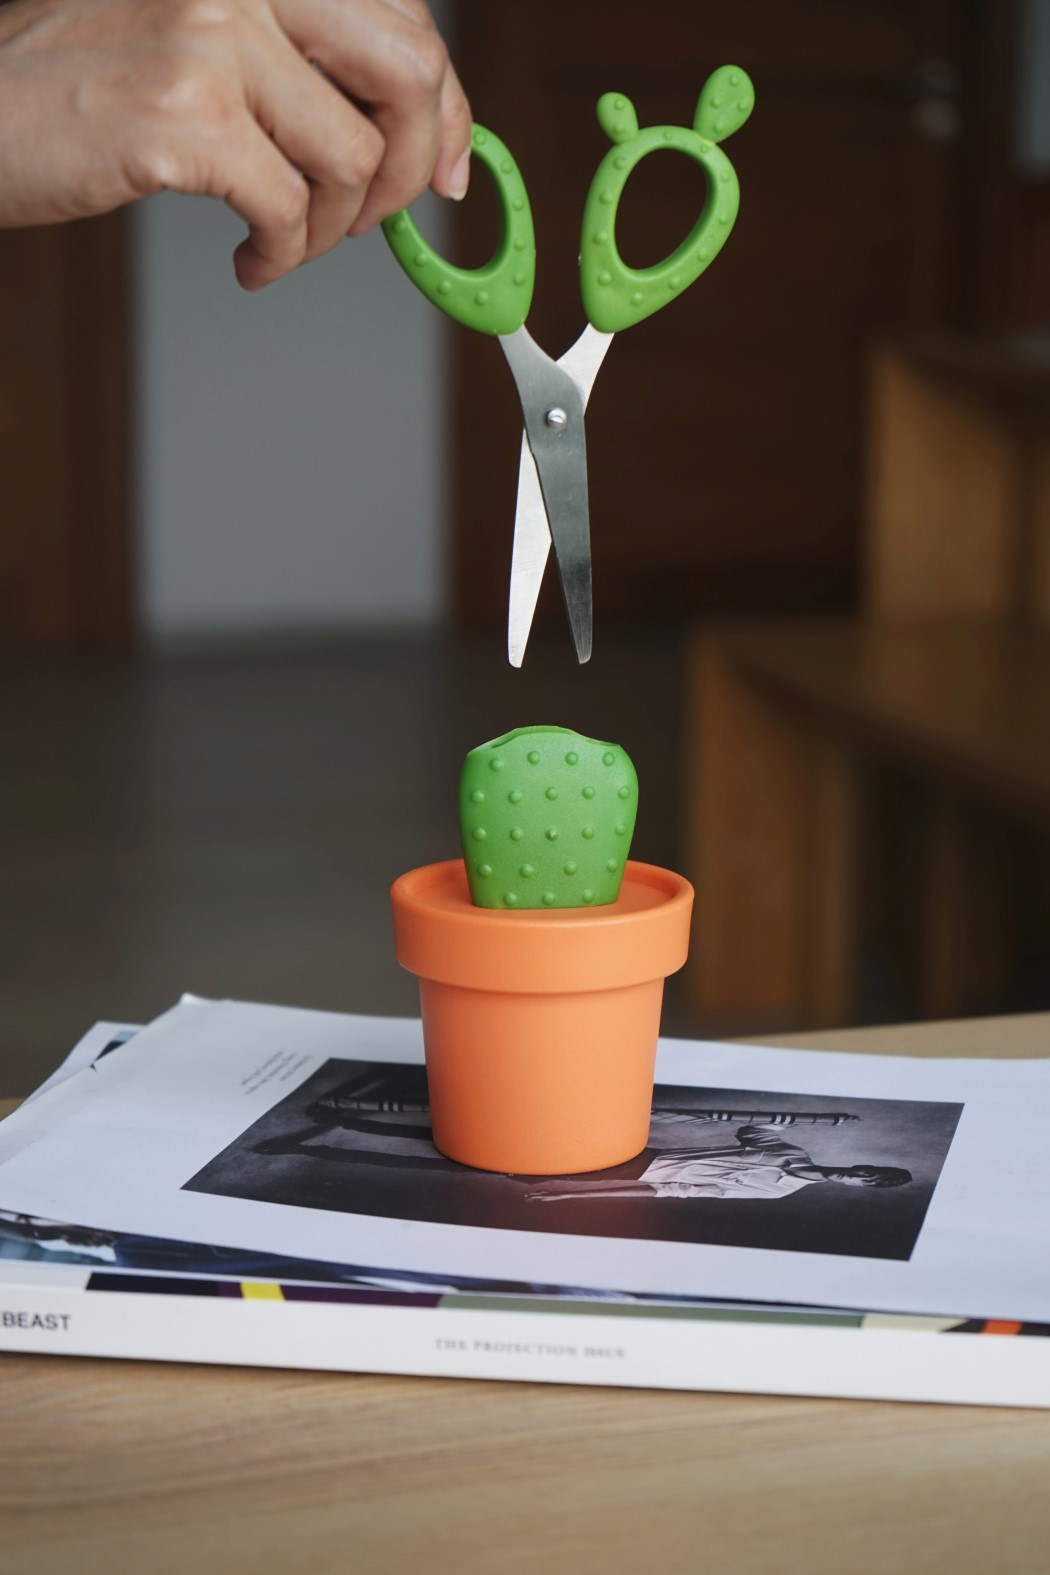 cactus_scissors_5